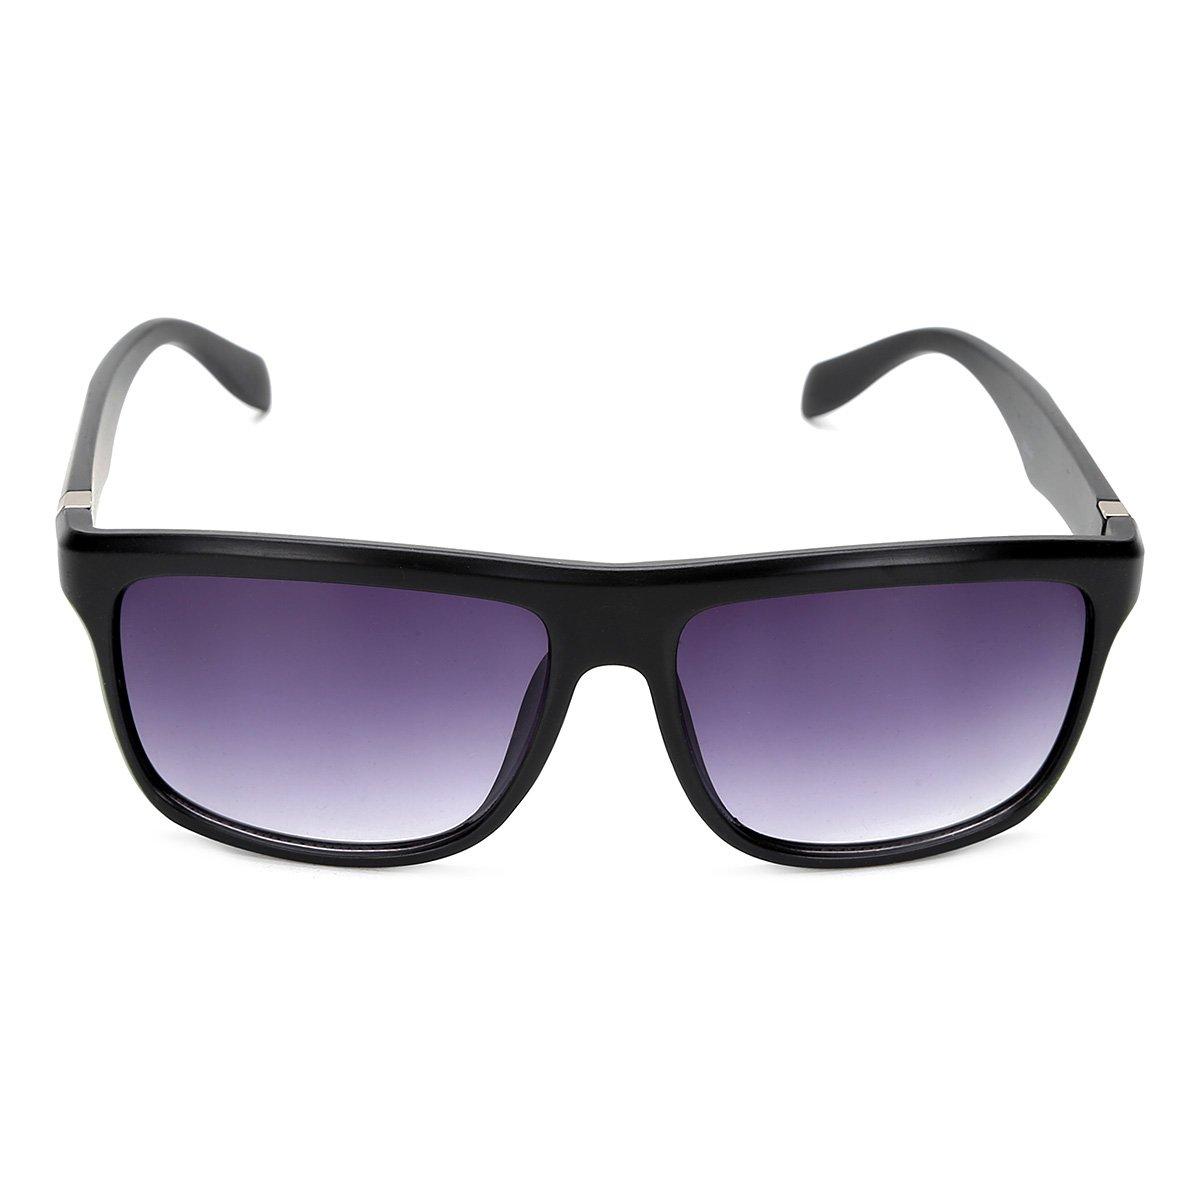 c98ead351 Óculos De Sol Moto GP Pro Lumis 05 - Shopping TudoAzul